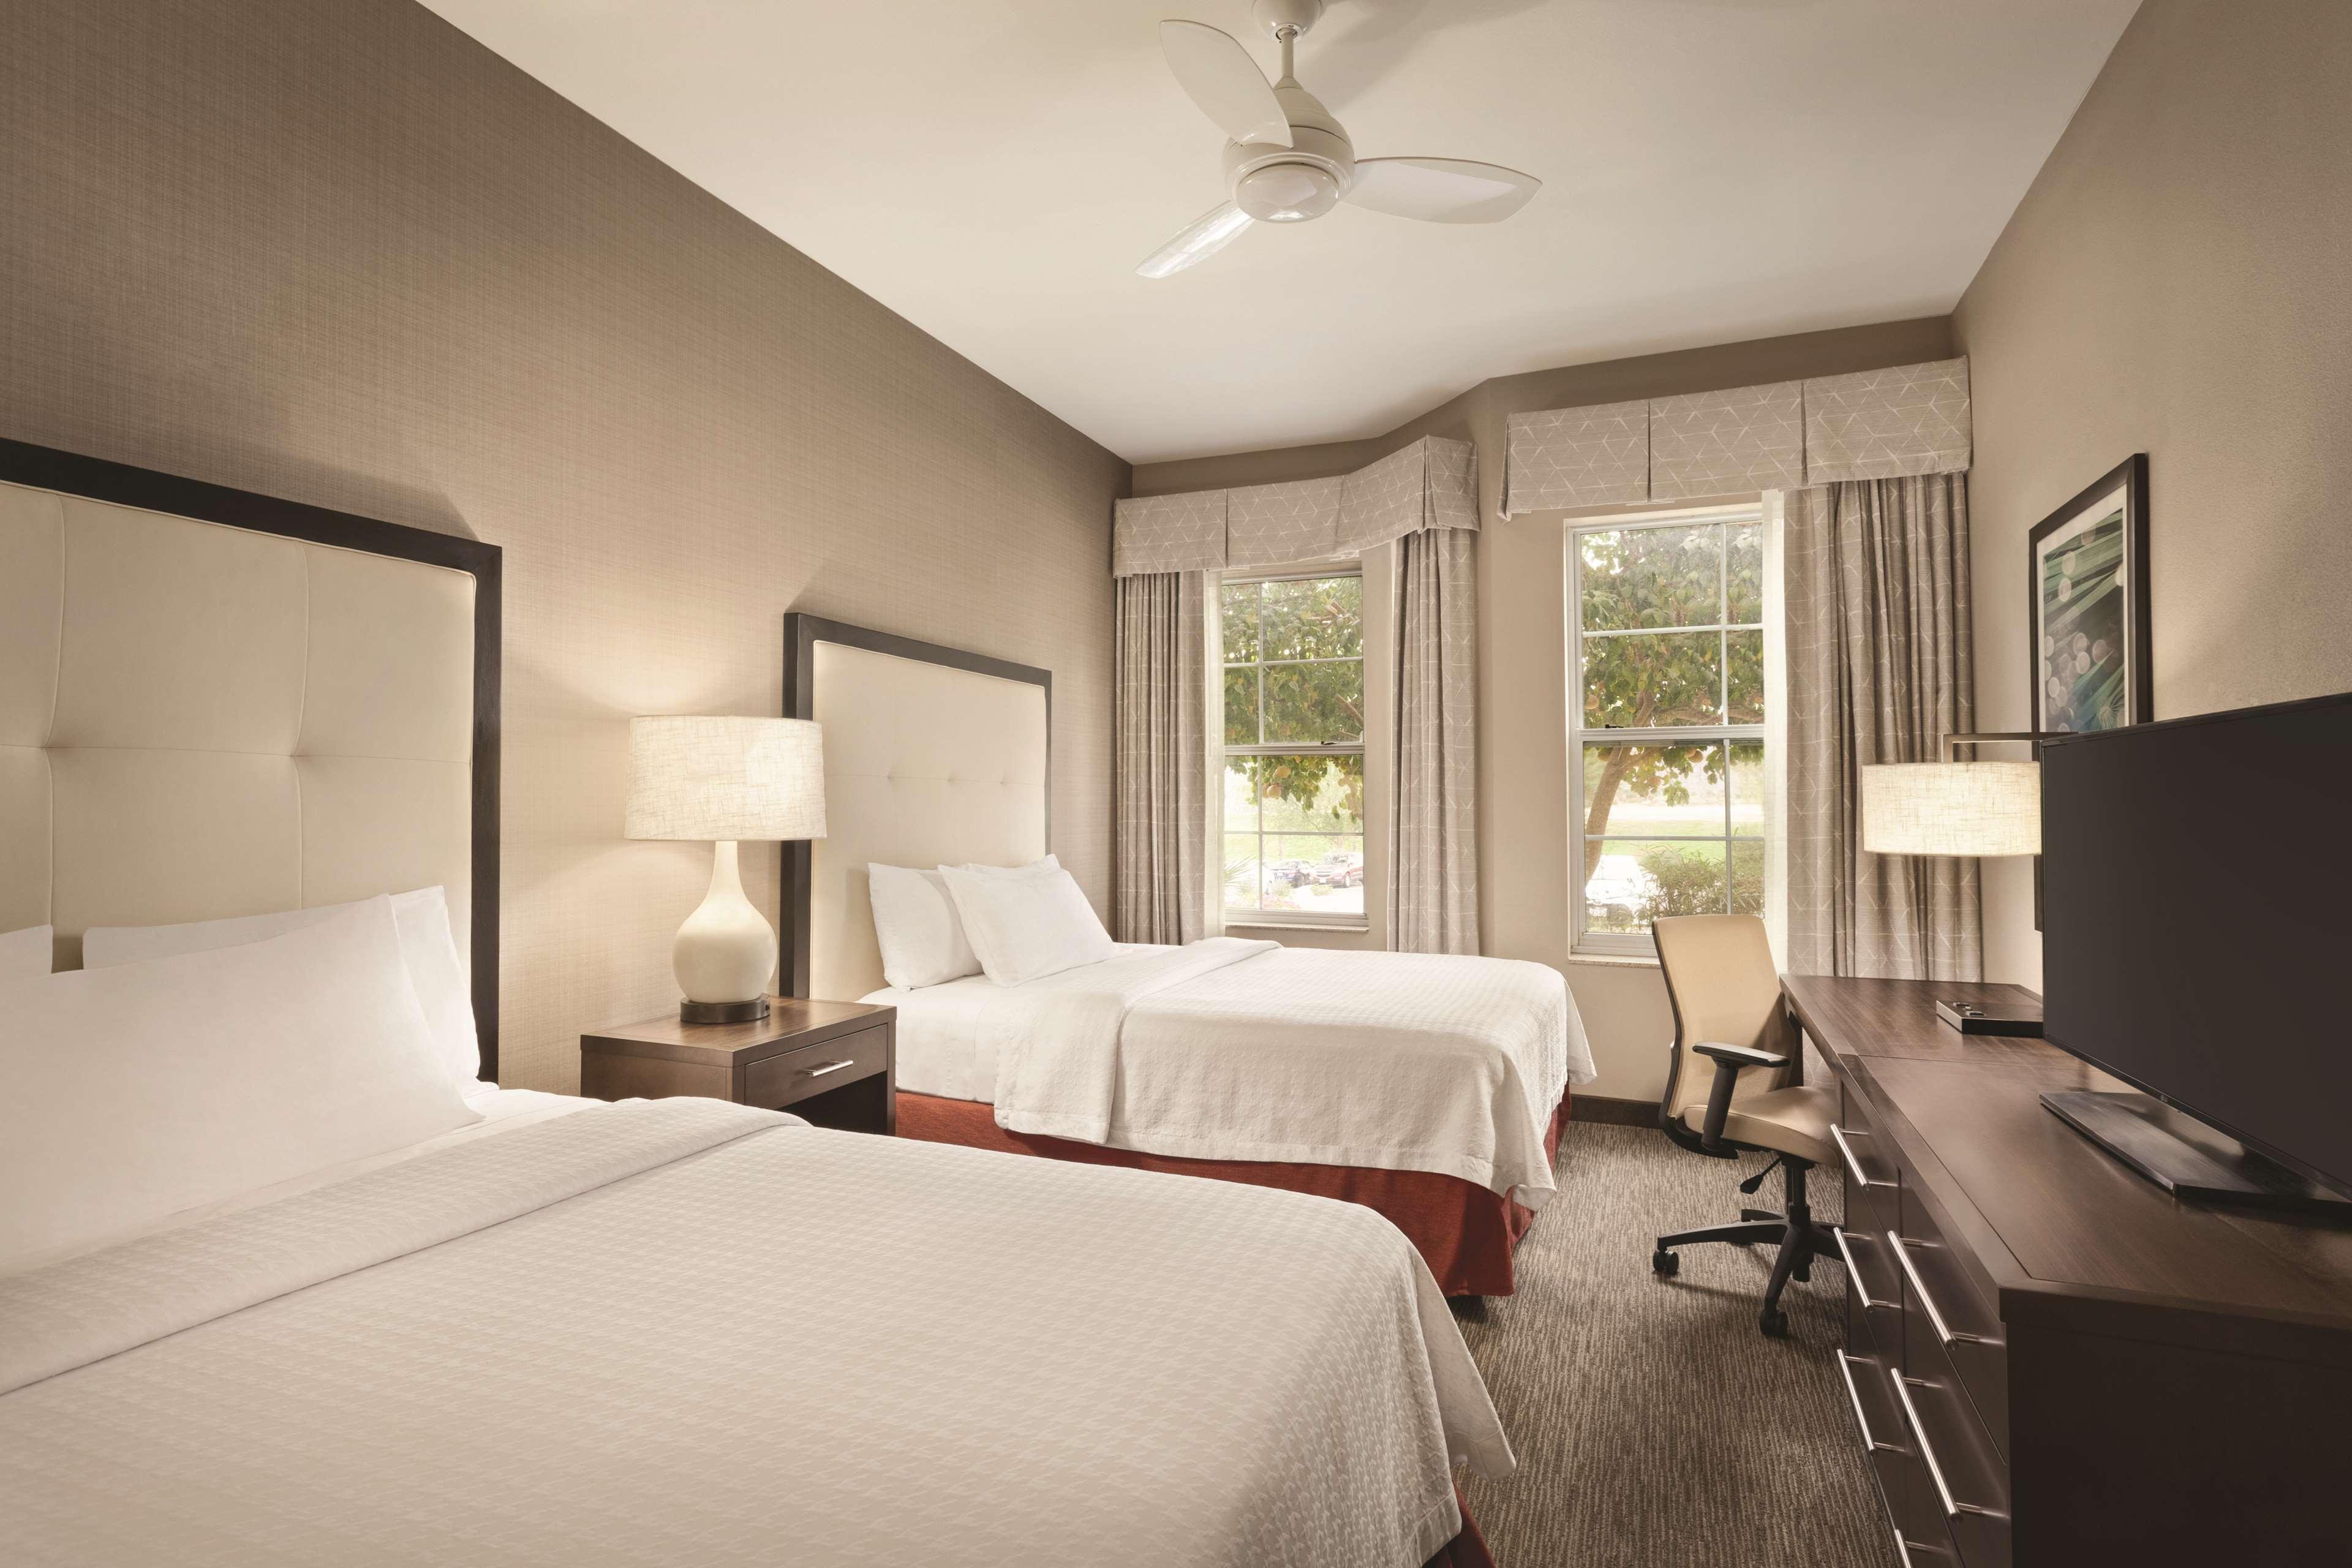 Homewood Suites by Hilton La Quinta image 19